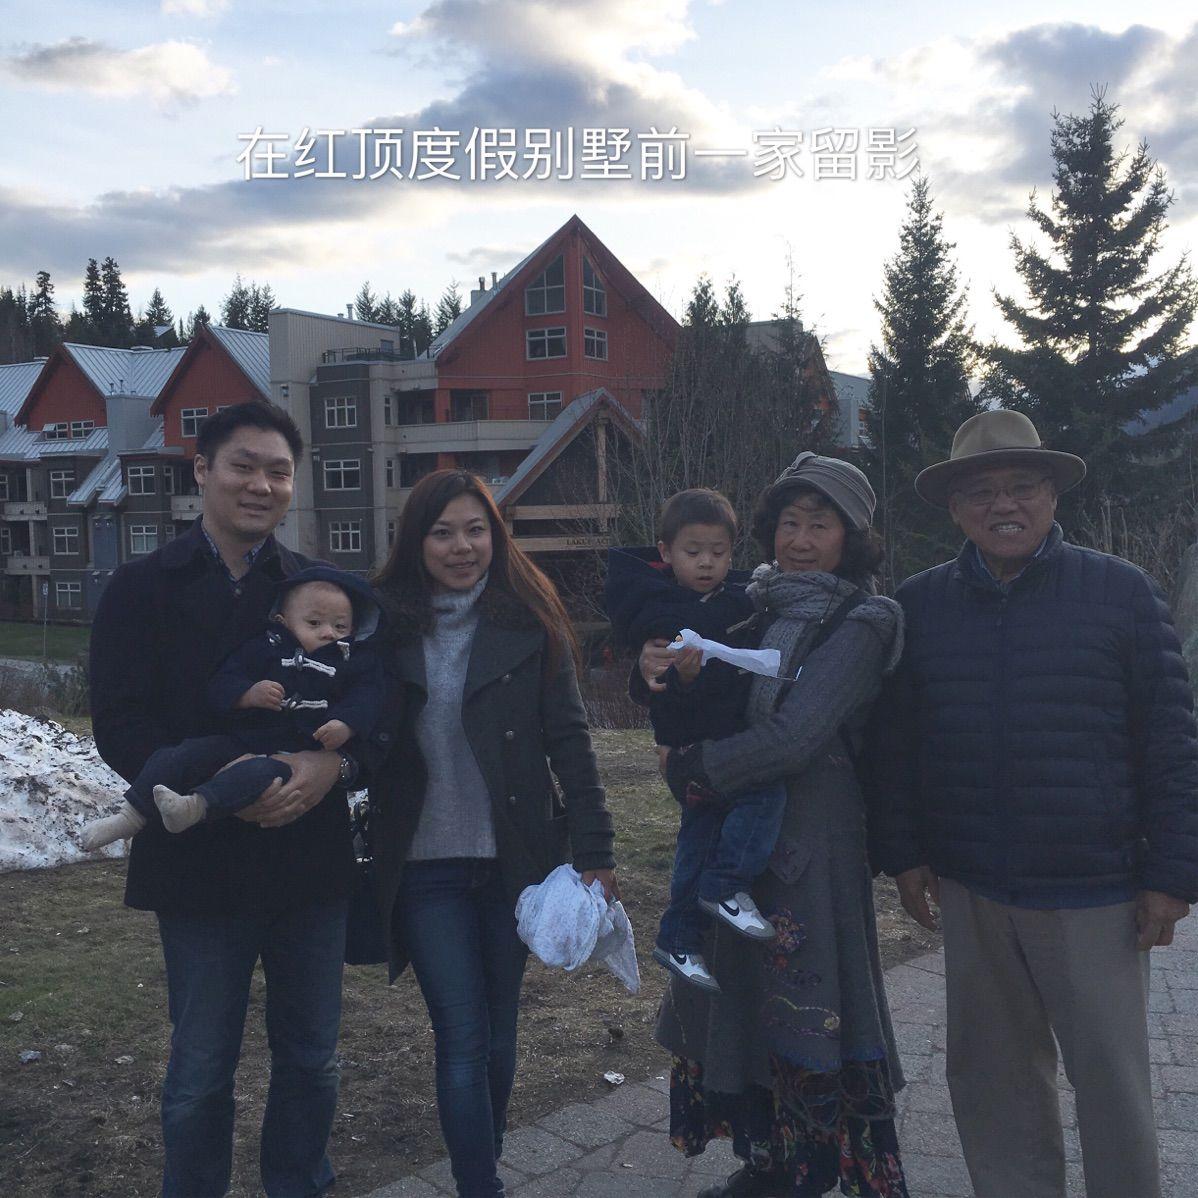 二零一七年春四月全家游览威斯勒世界著名滑雪胜地      曹小莉